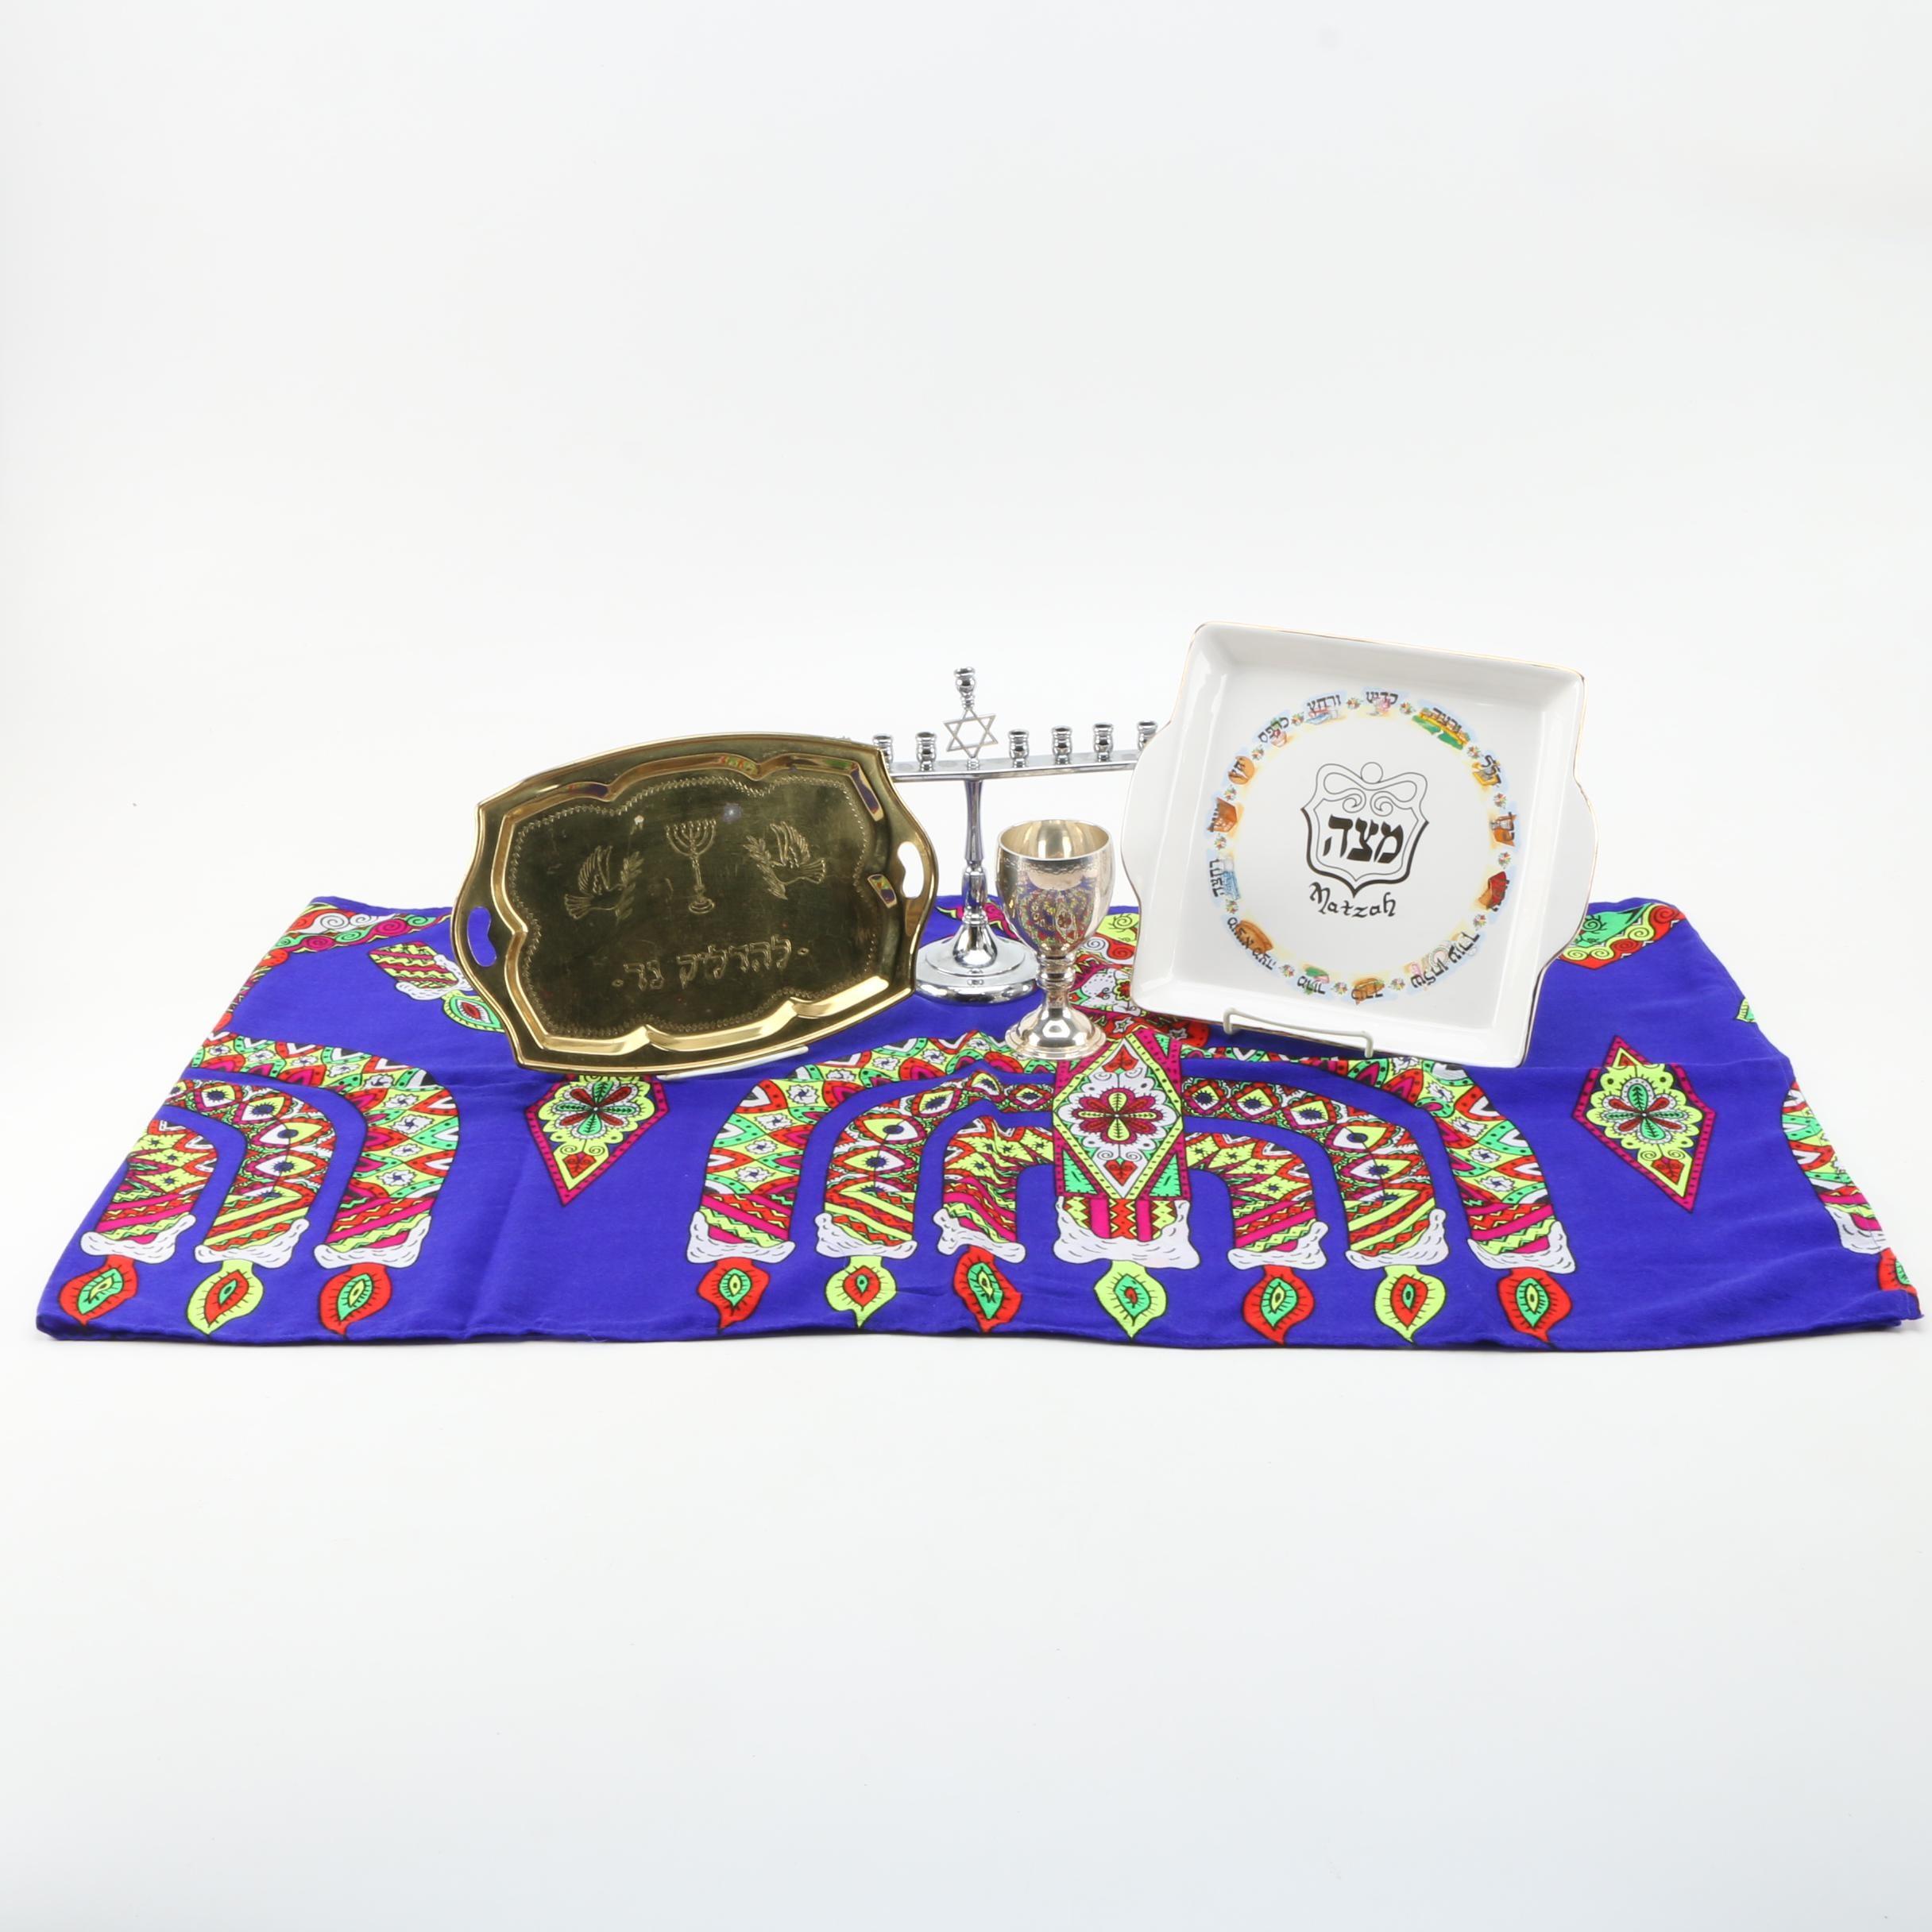 Assorted Decorative and Ceremonial Judaica